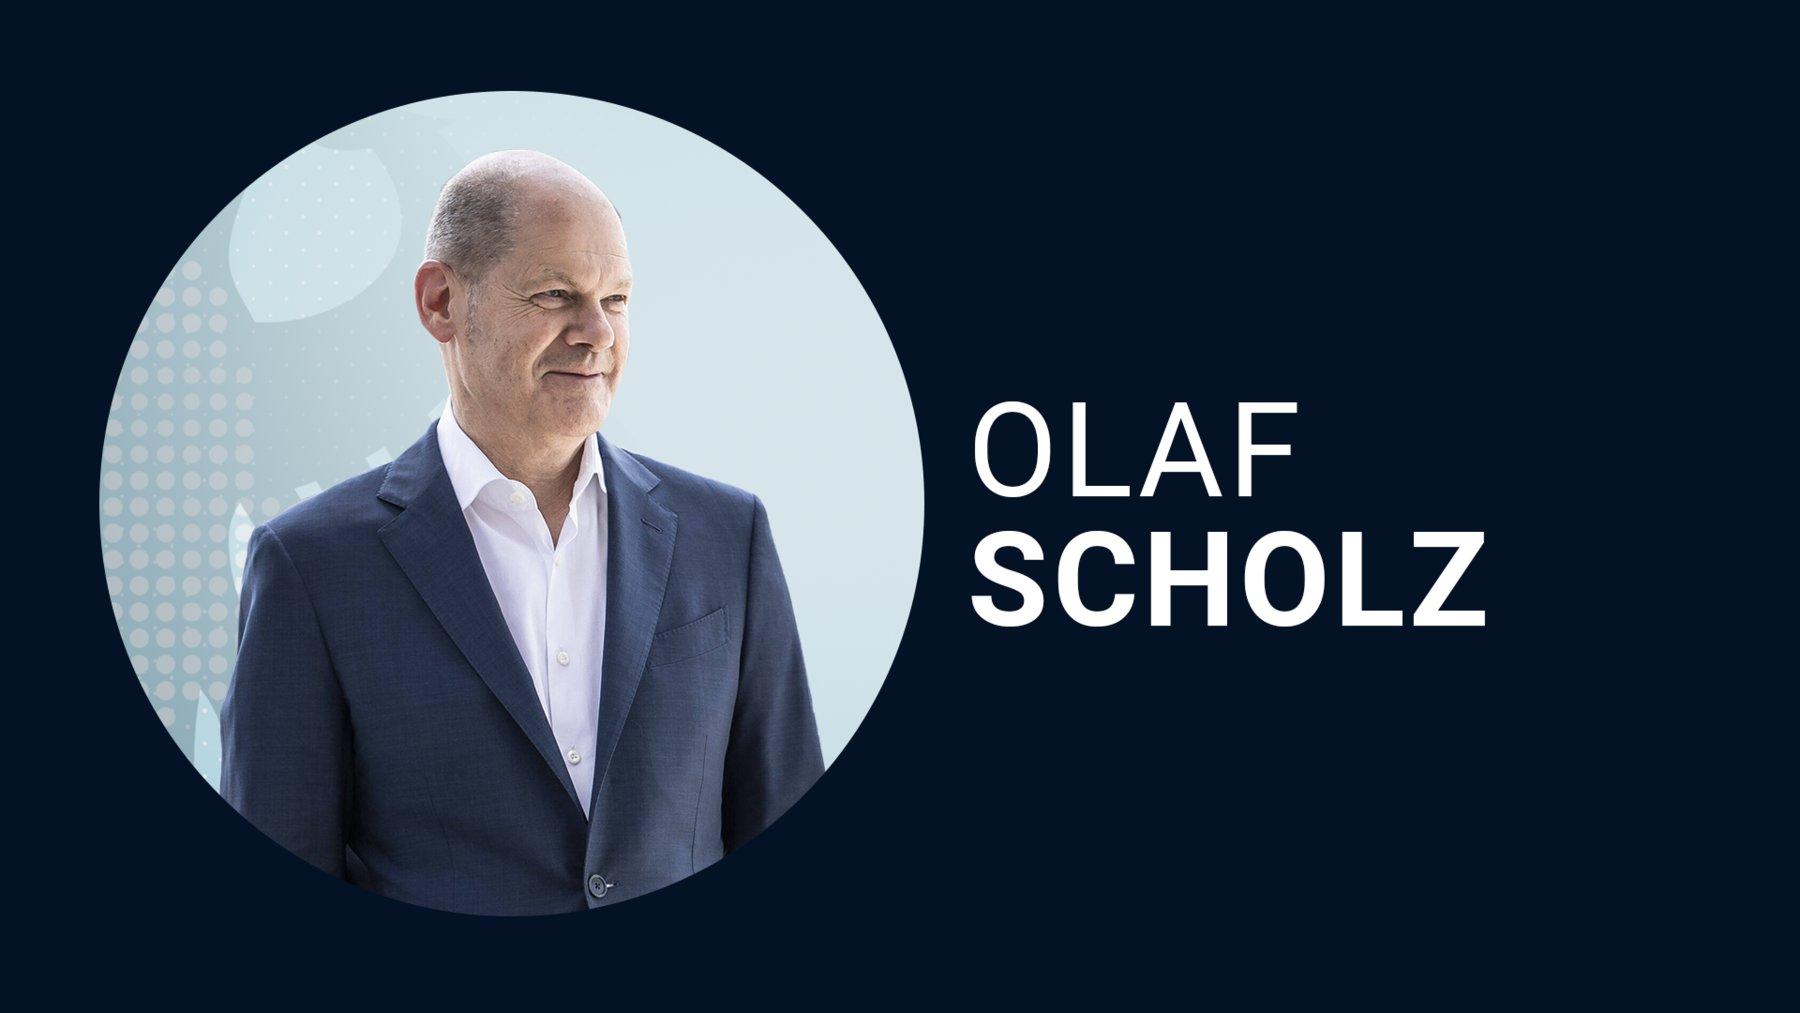 Olaf Scholz für die SPD